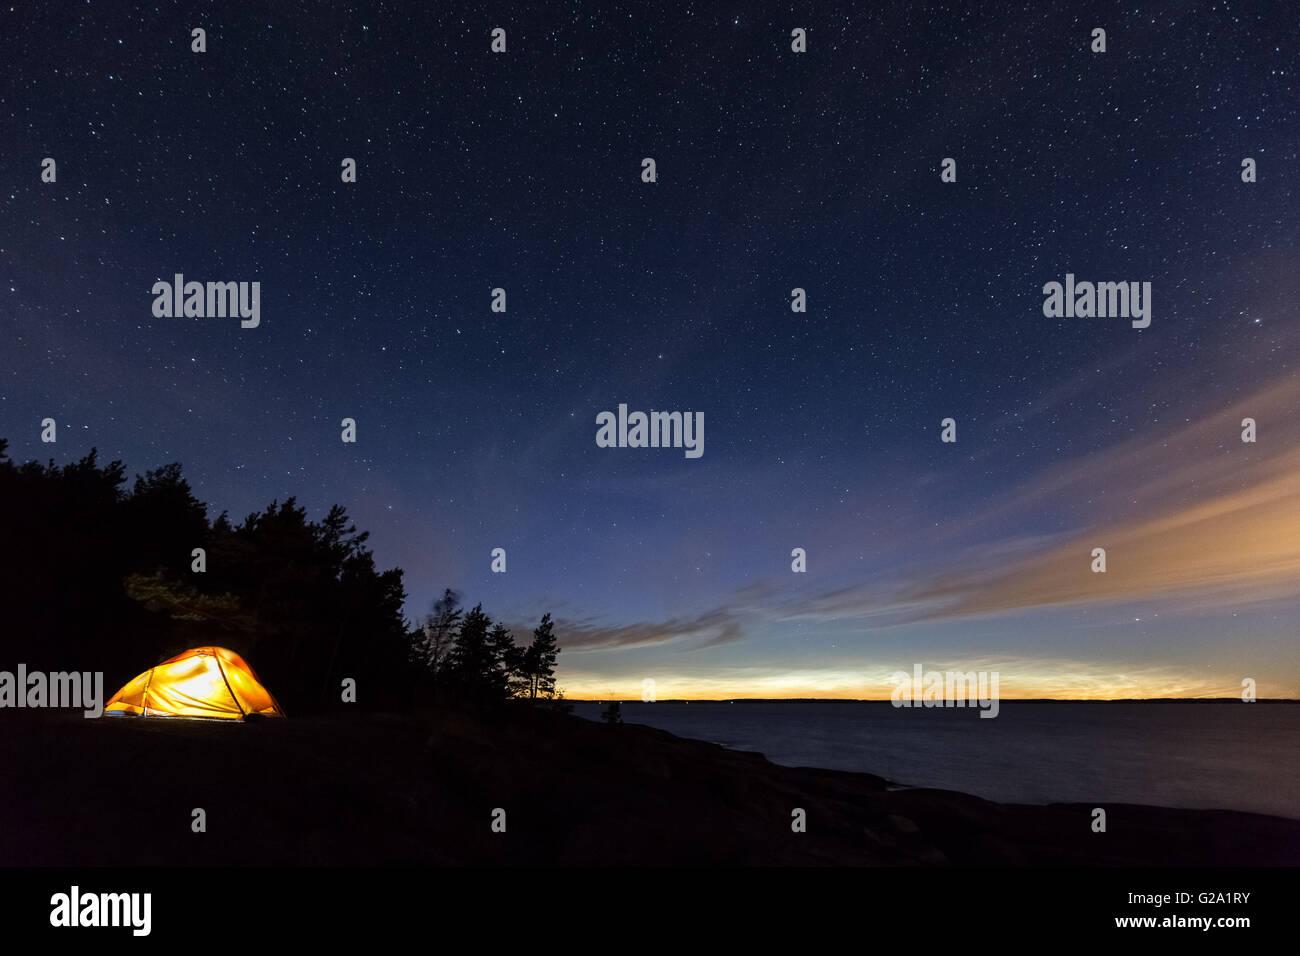 Le camping sur l'île, Påvskär Sunday, la Finlande, l'Europe, l'UNION EUROPÉENNE Banque D'Images